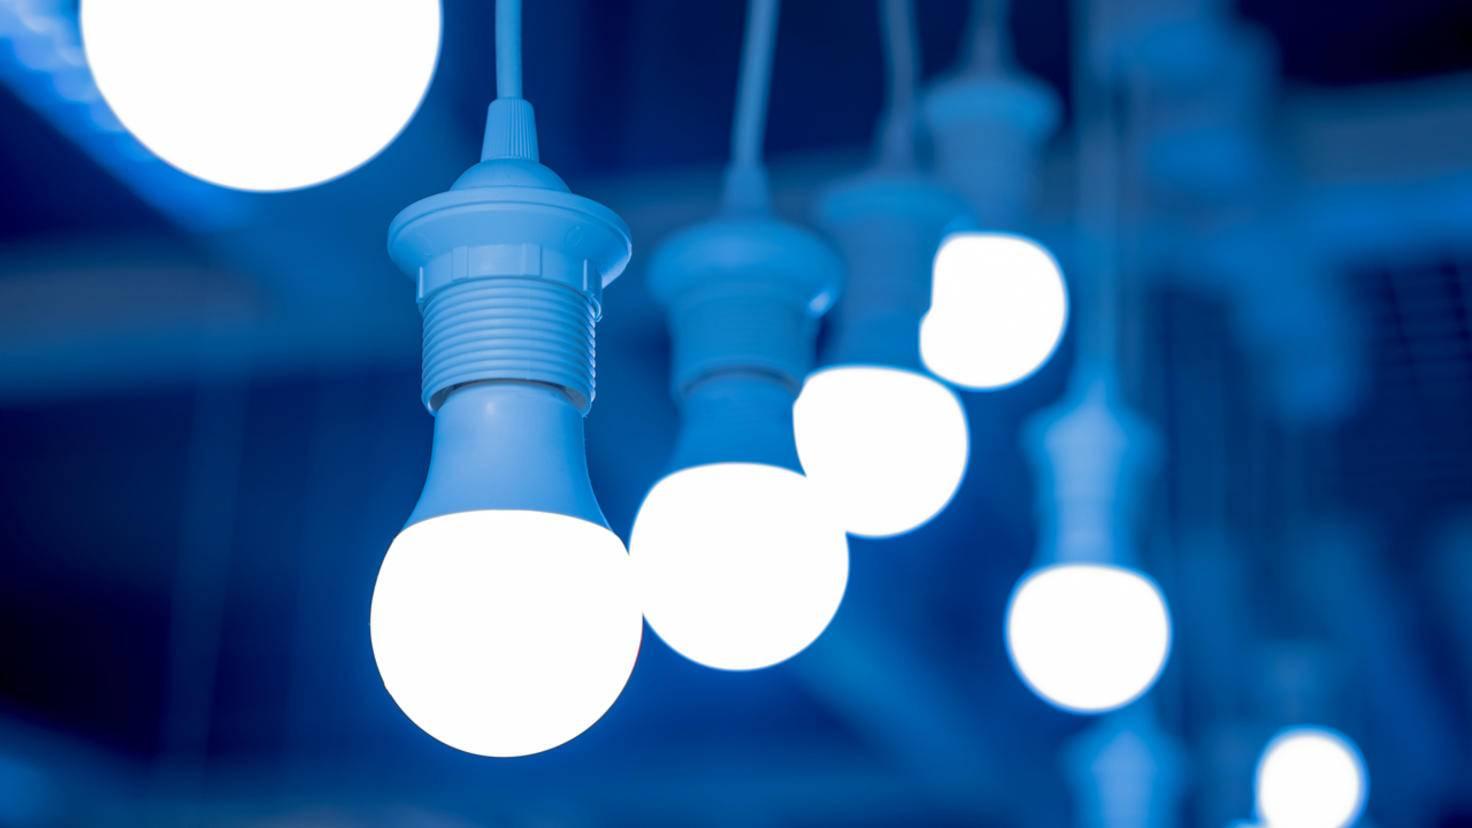 LED-Lampen stellen herkömmliche Glühbirnen im wahrsten Sinne des Wortes in den Schatten.